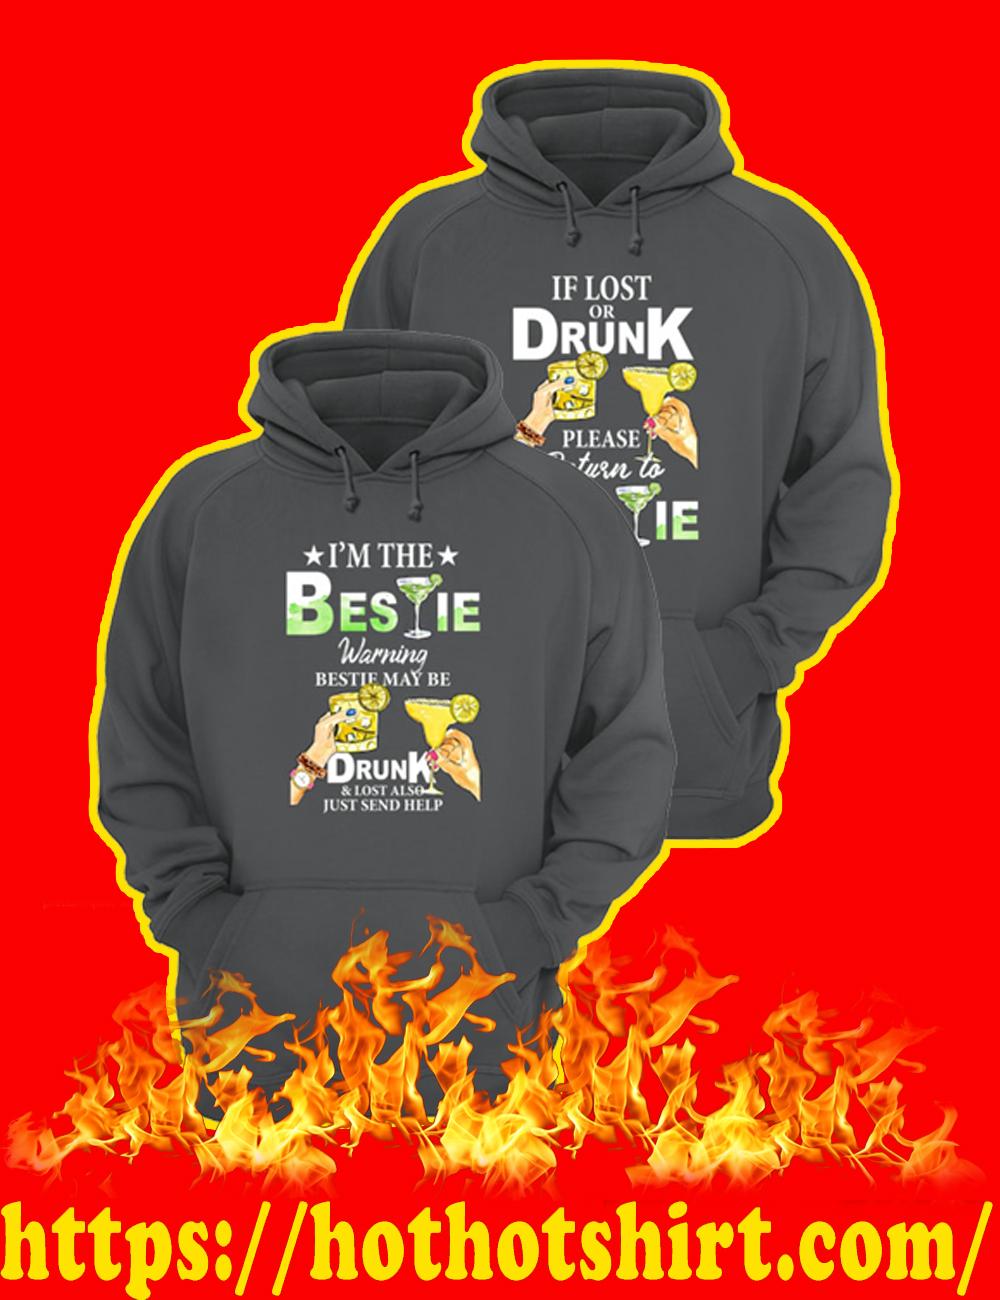 If Lost Or Drunk Please Return To Bestie - I'm The Bestie Warning Bestie May Be Drunk Hoodie-grey